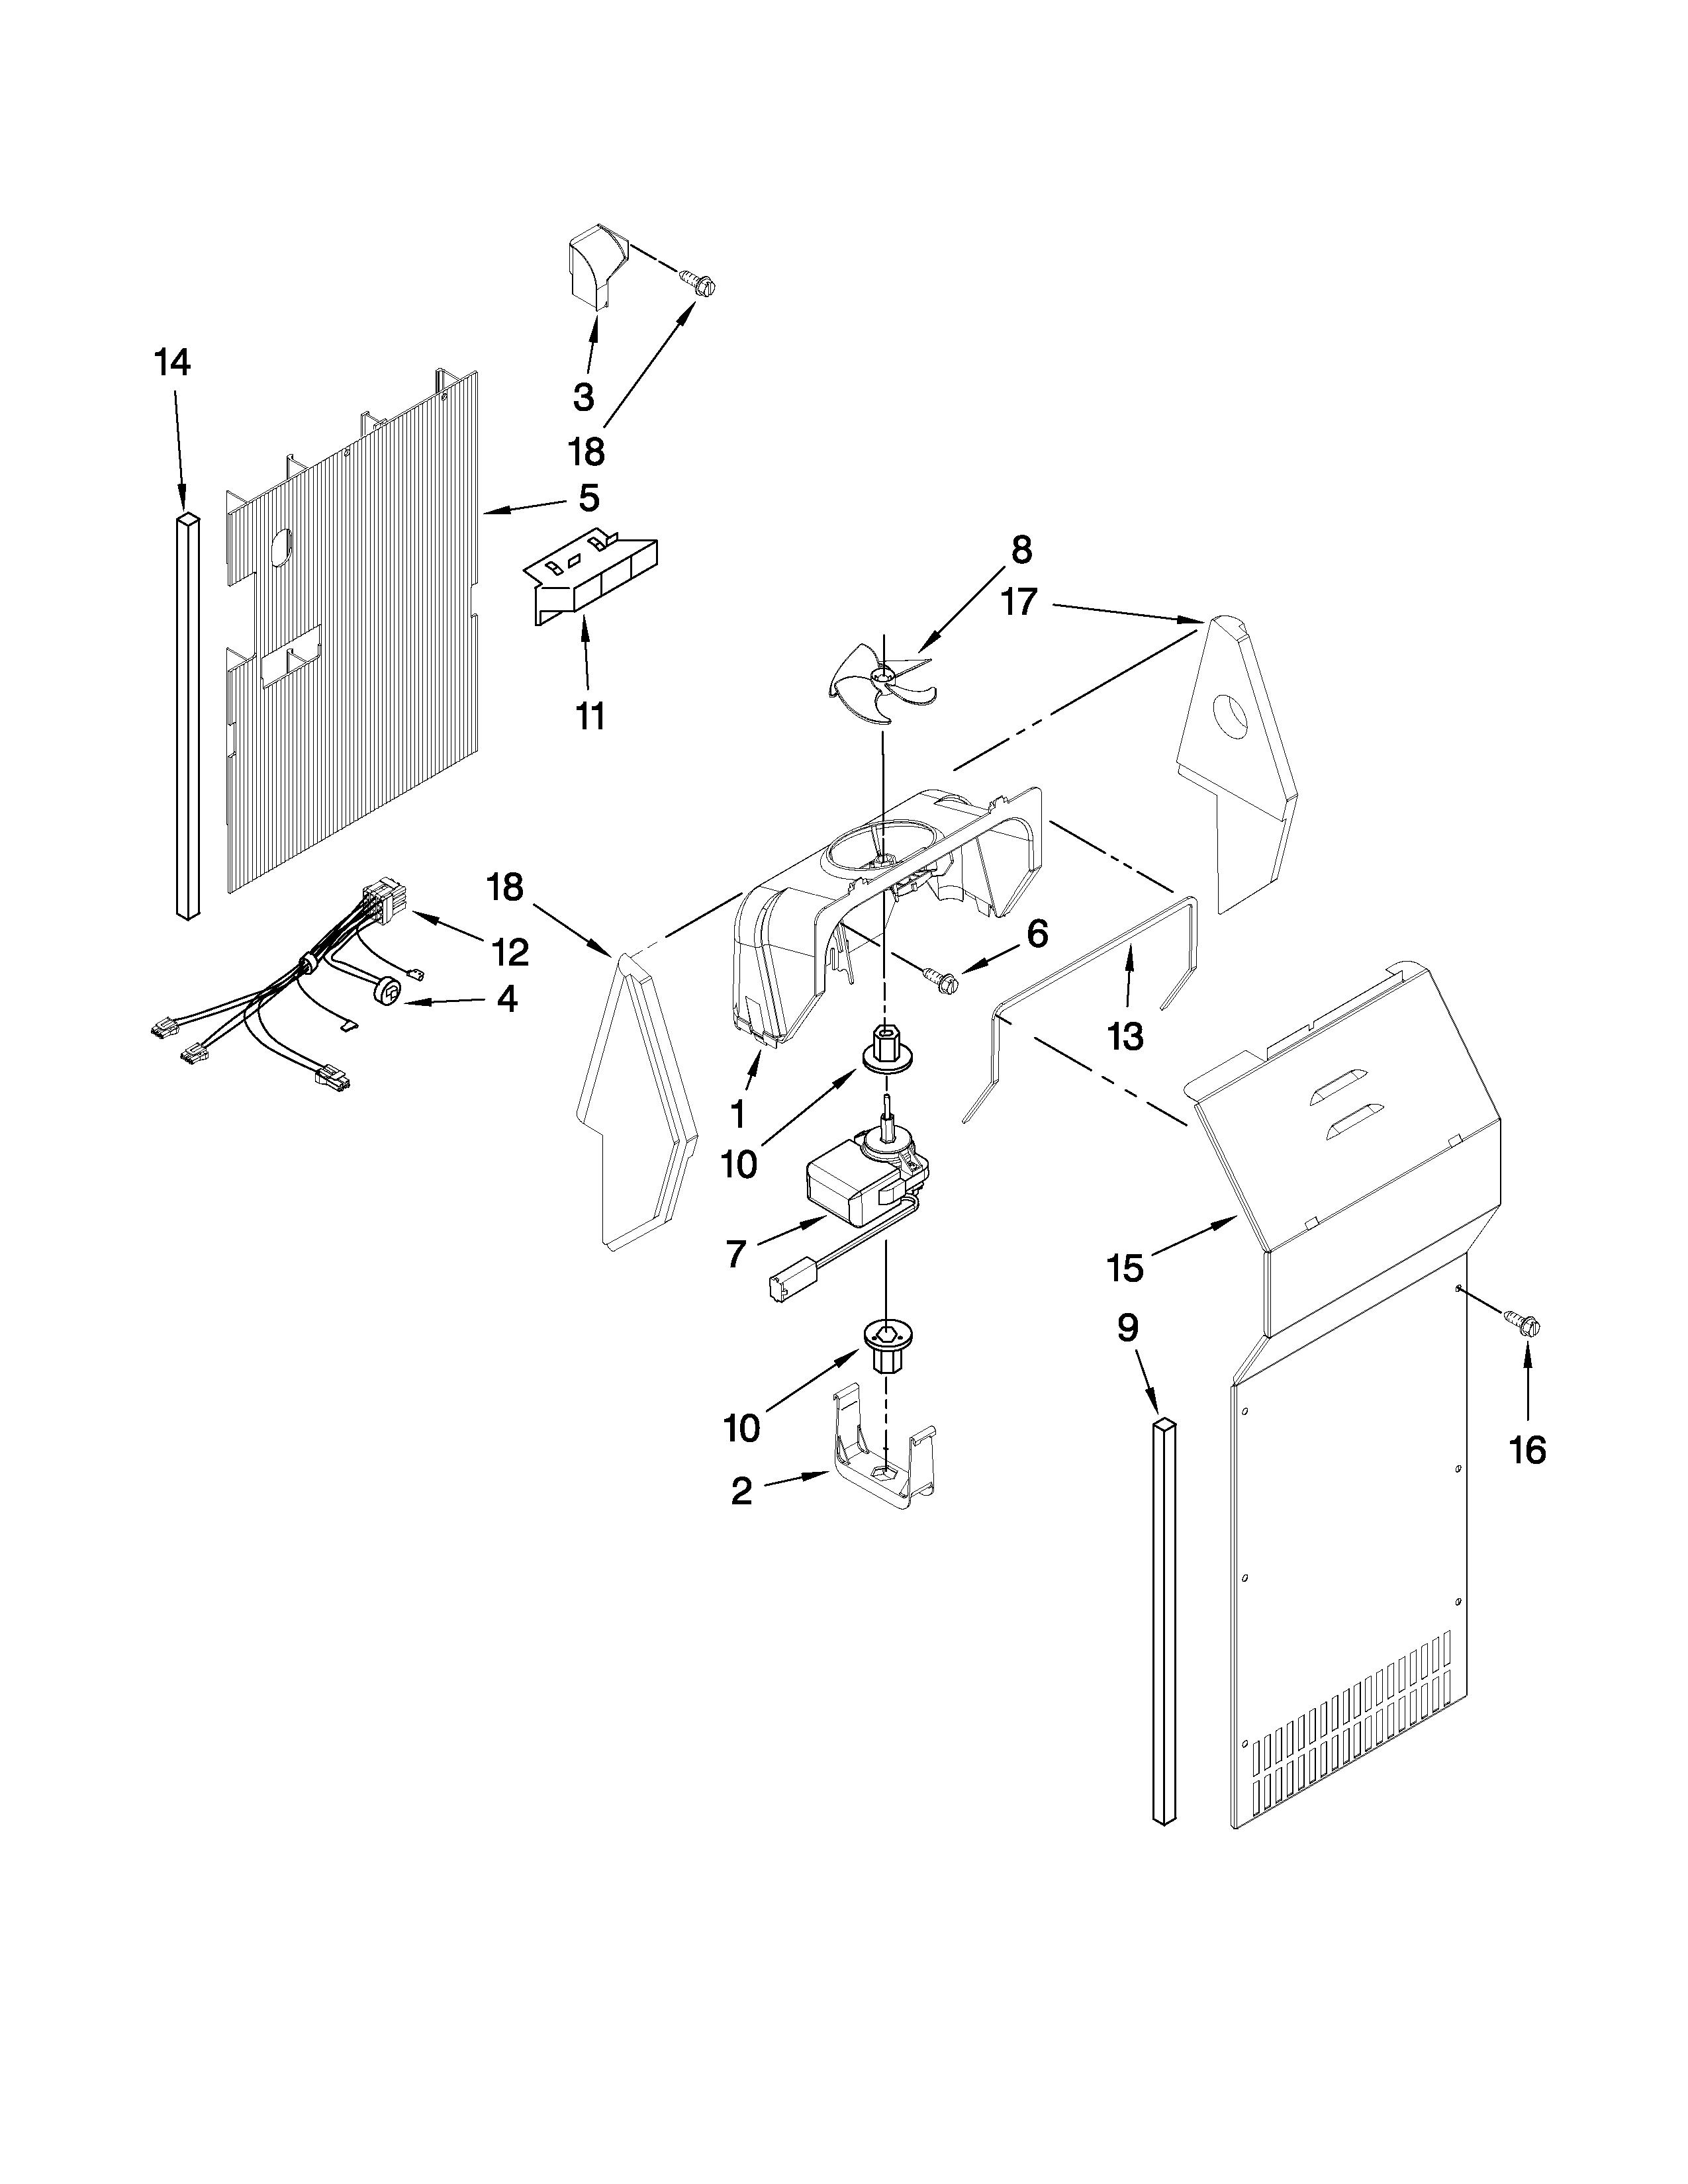 Air Flow Parts Diagram  U0026 Parts List For Model Ed5vhexvq01